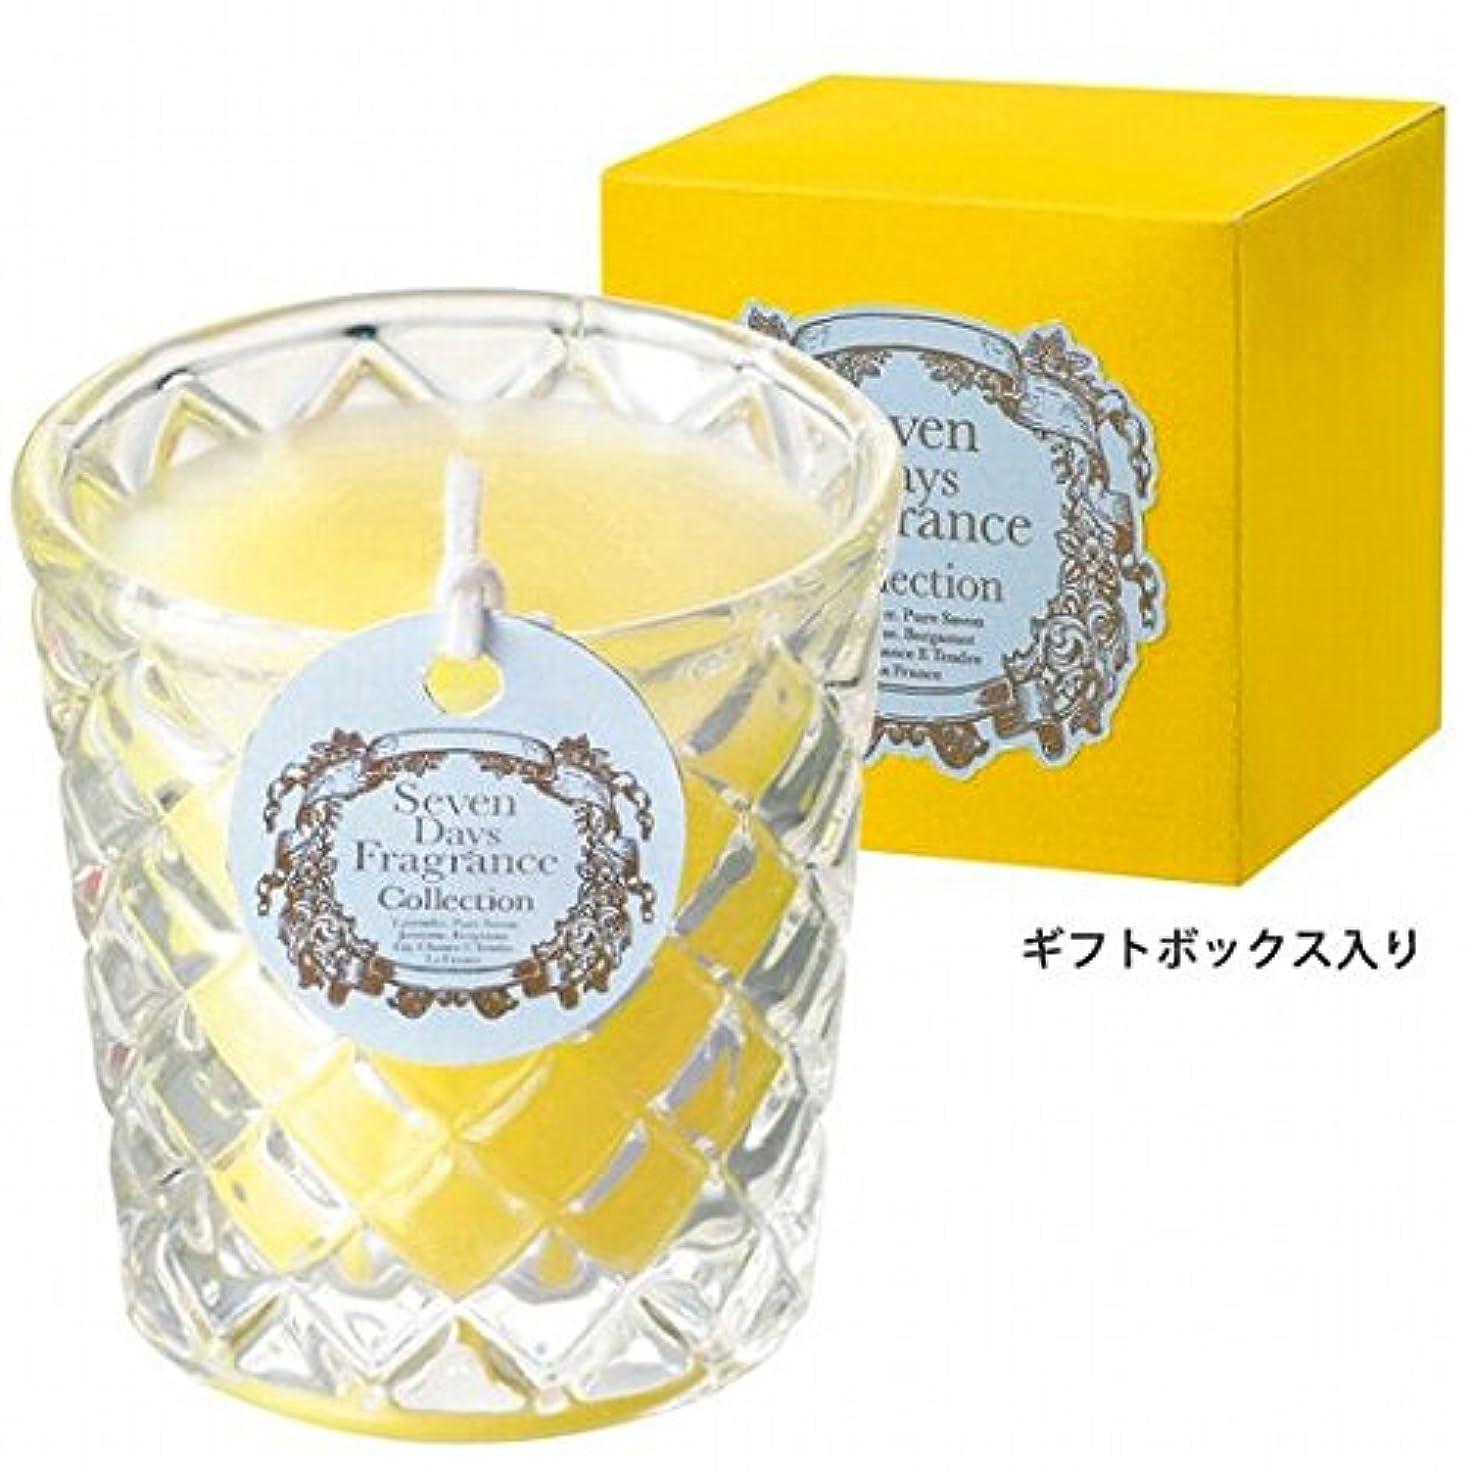 アプト地下室挑むカメヤマキャンドル(kameyama candle) セブンデイズグラスキャンドル(水曜日) 「 ベルガモット 」